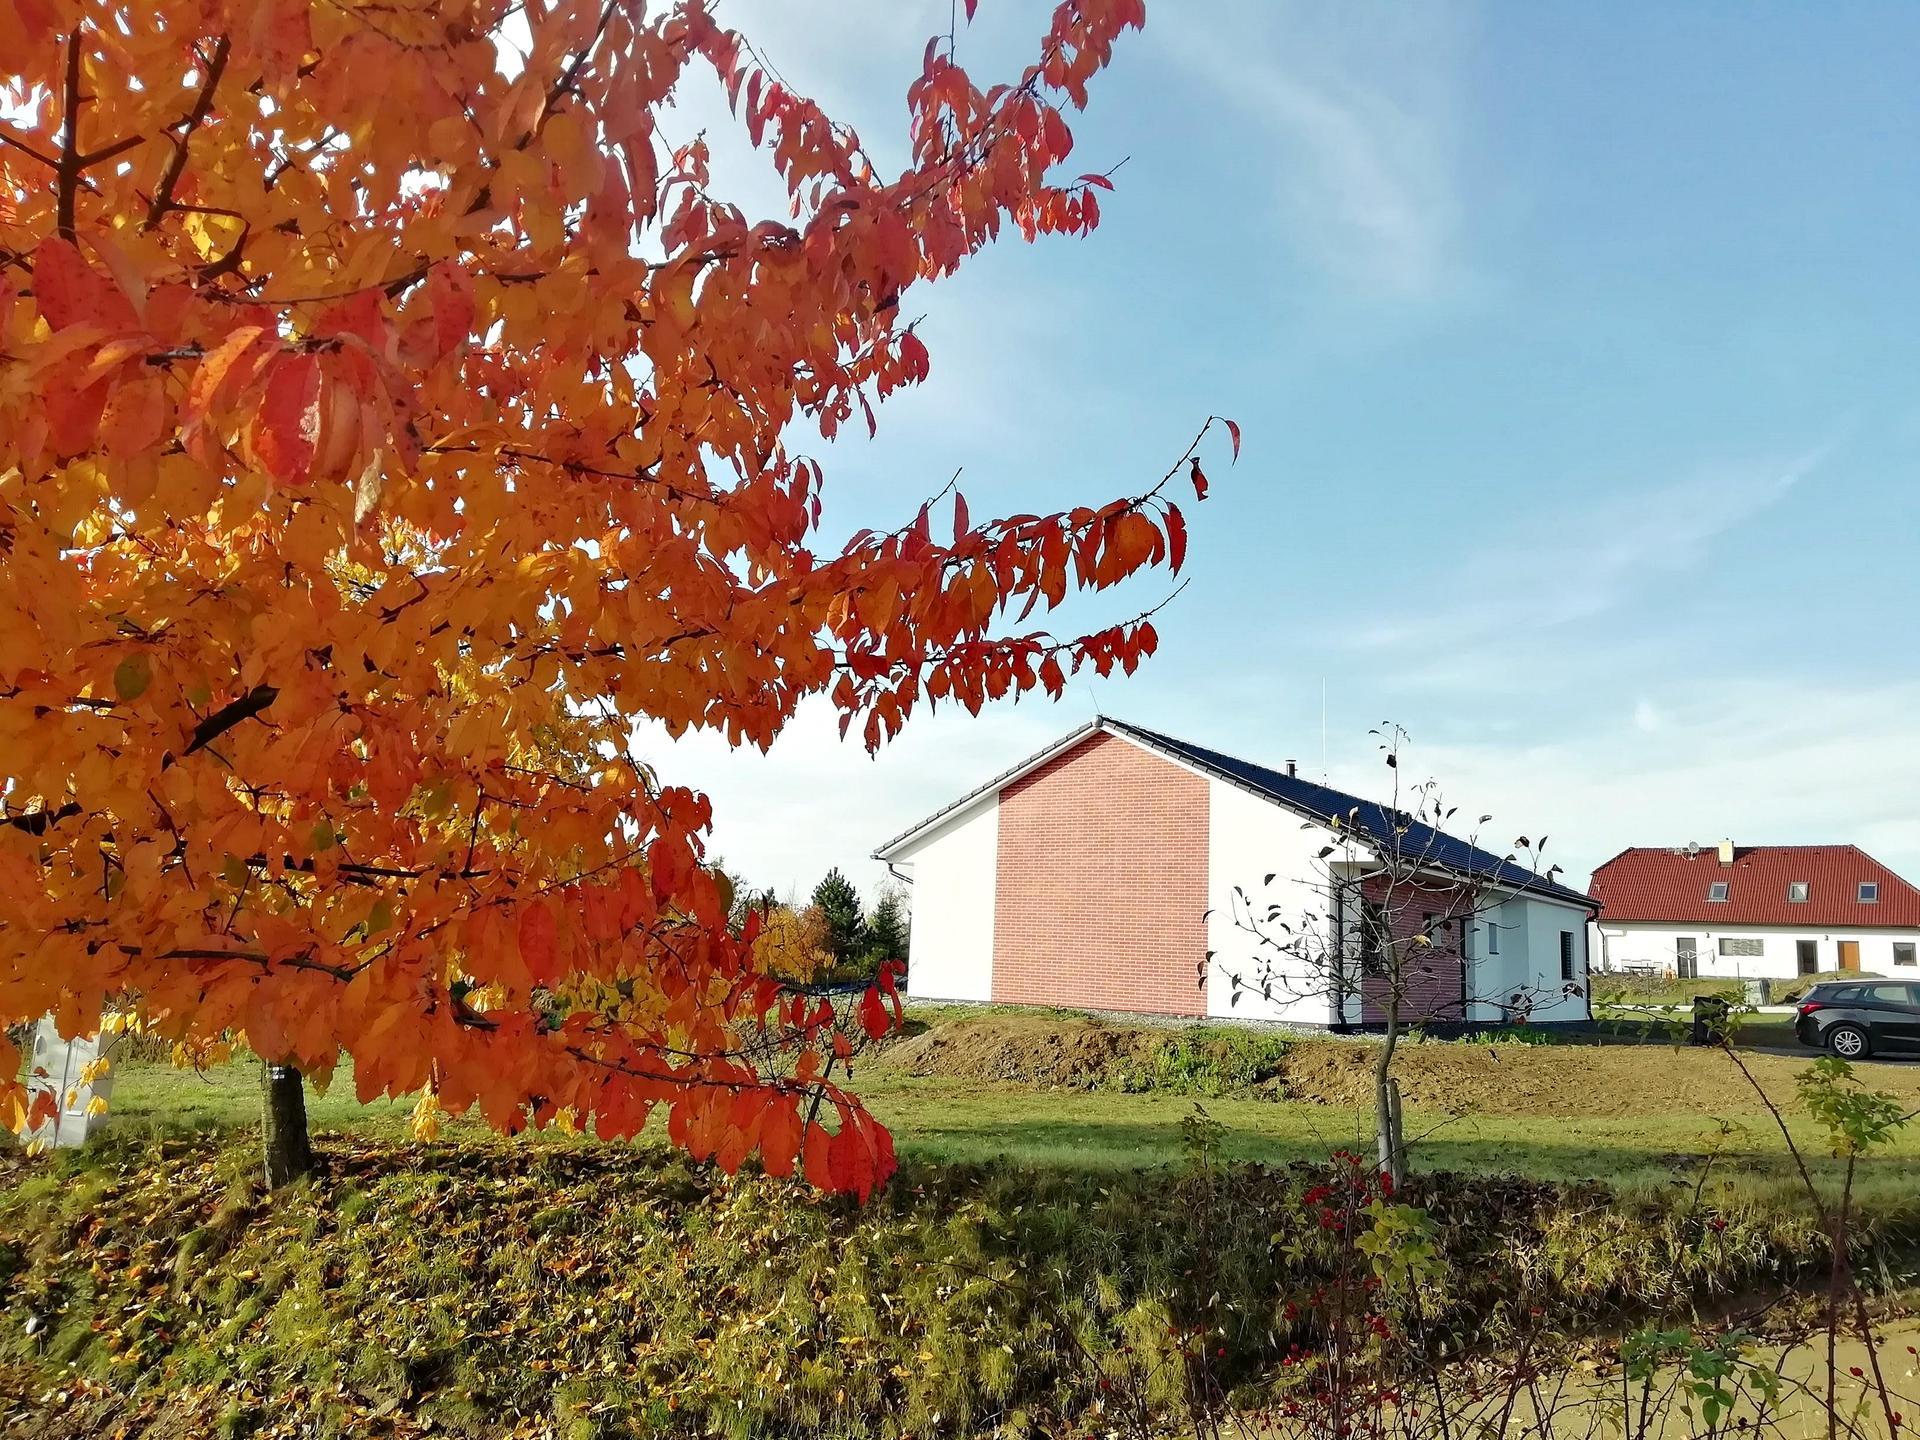 Náš dům na větrné hůrce - Obrázek č. 1